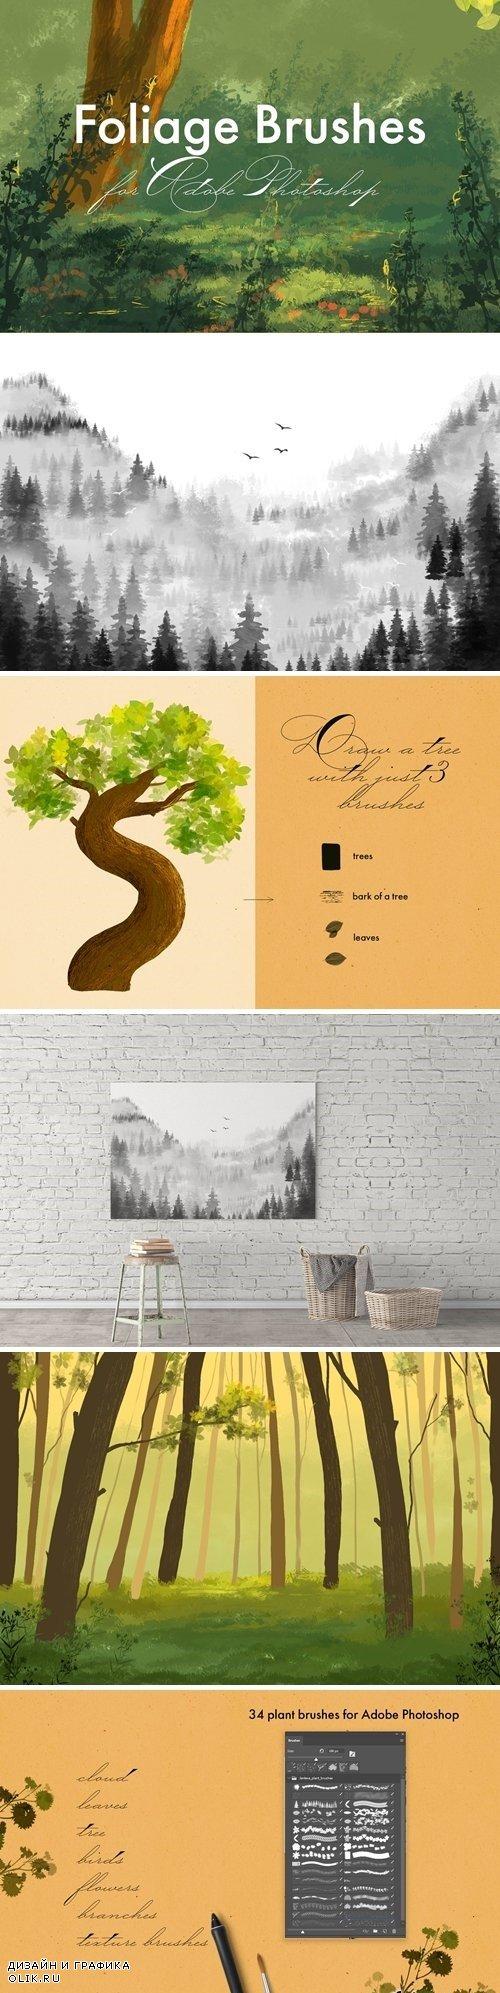 Foliage Brushes for Adobe Photoshop - 2960760